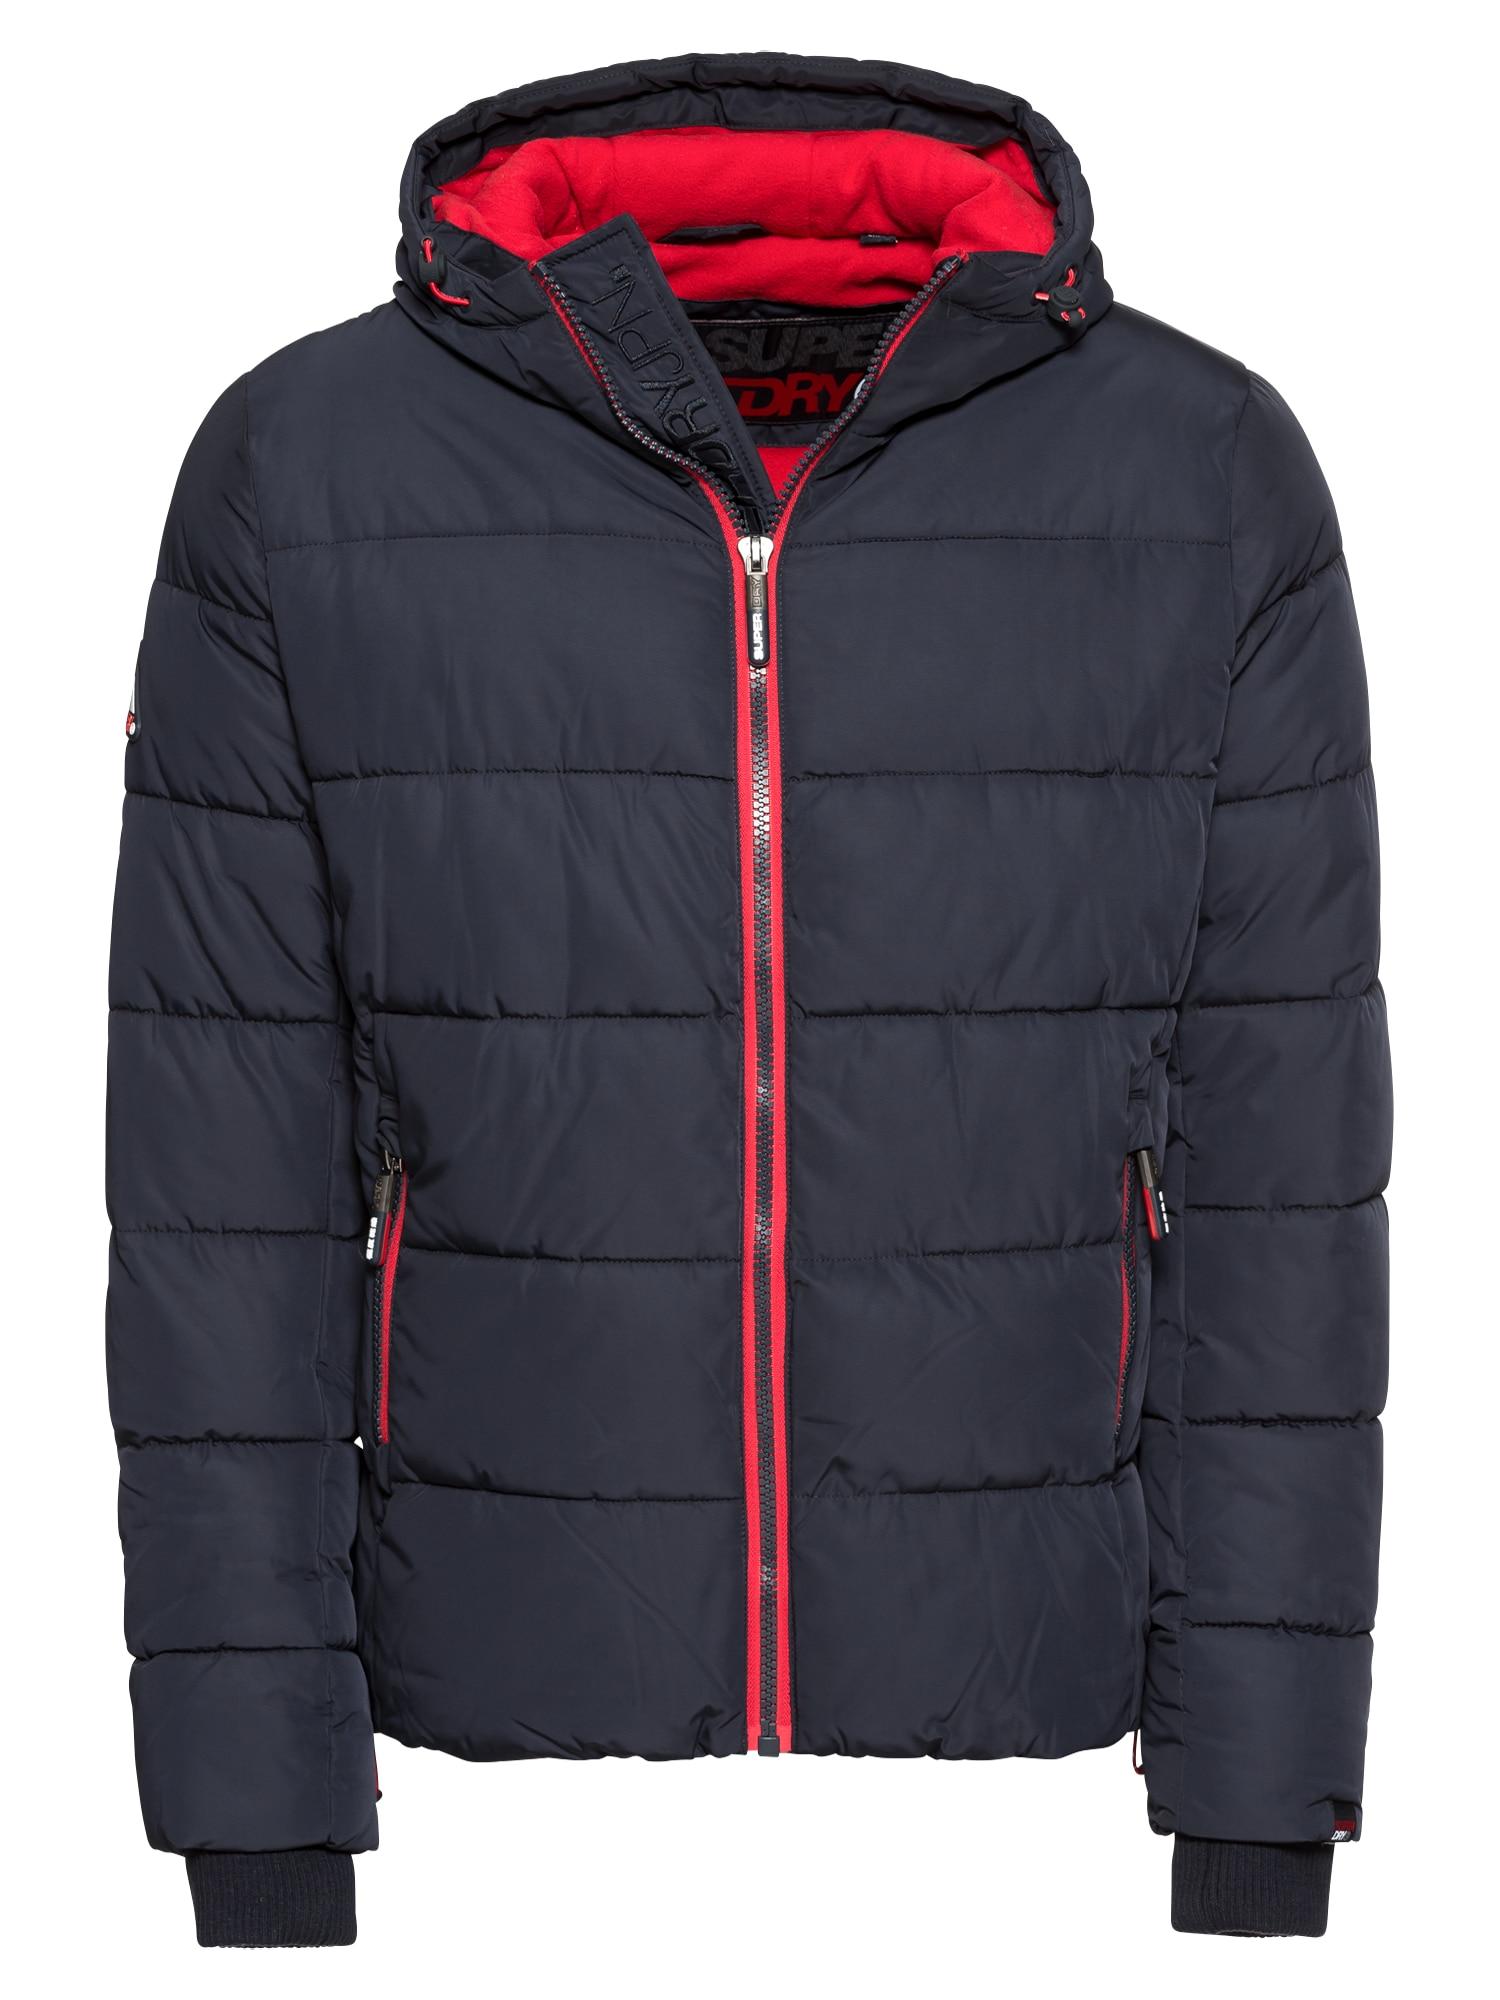 Outdoorová bunda Sports Puffer námořnická modř červená Superdry